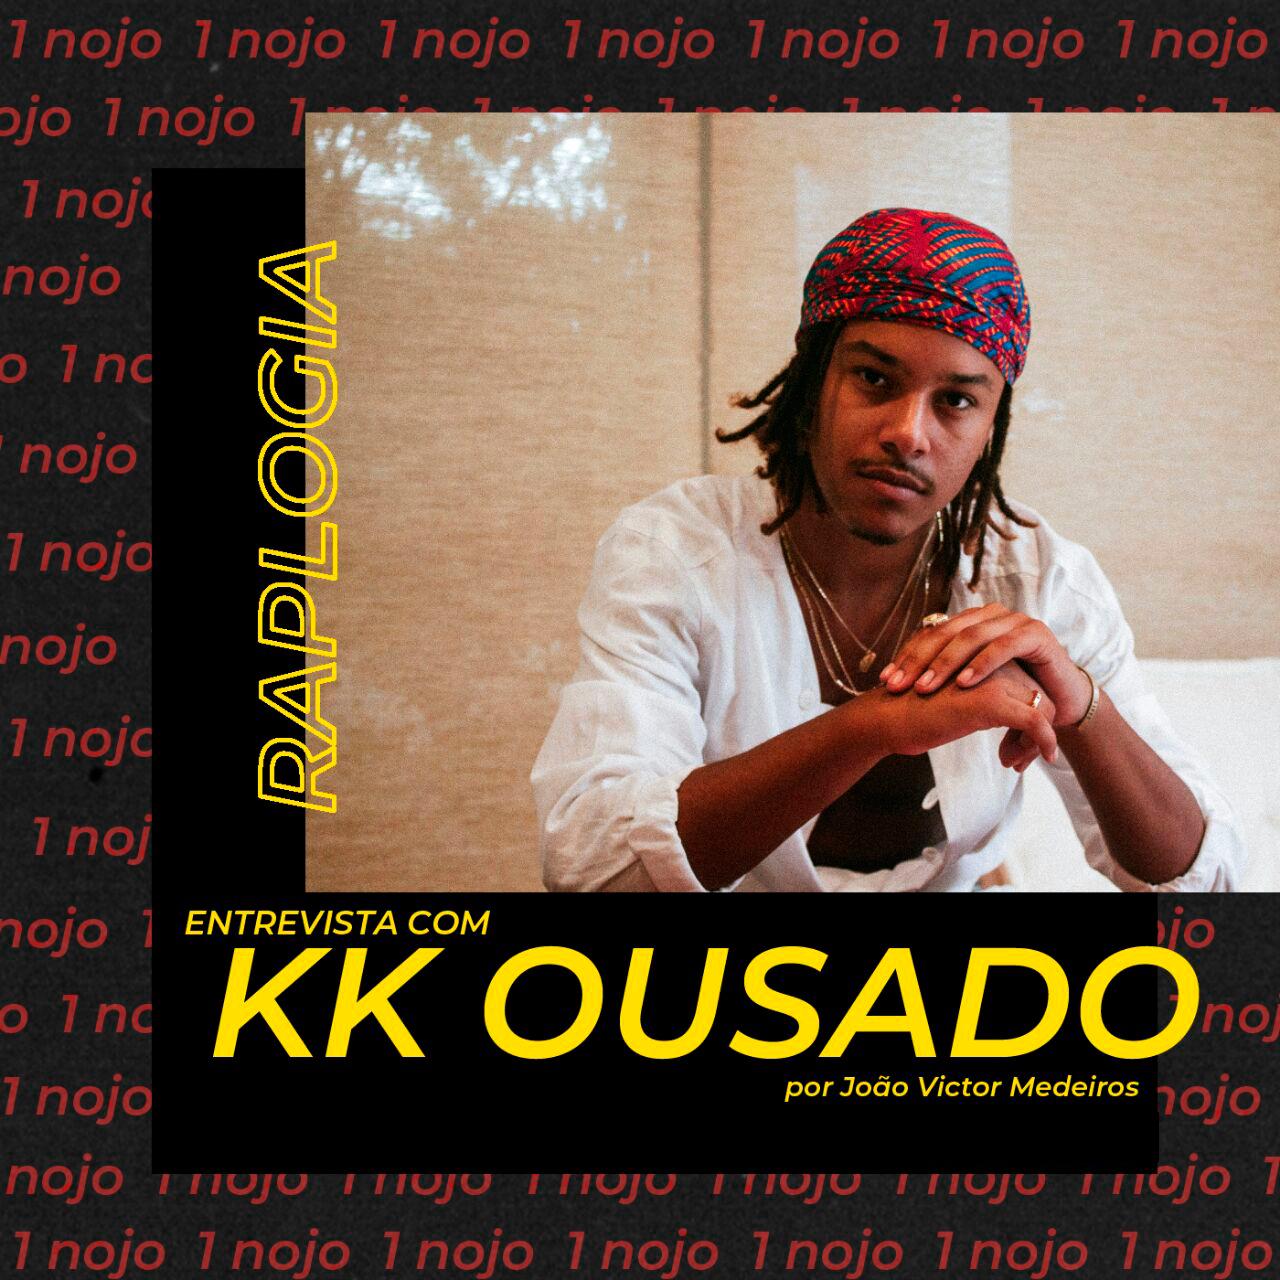 Raplogia entrevista: KK Ousado